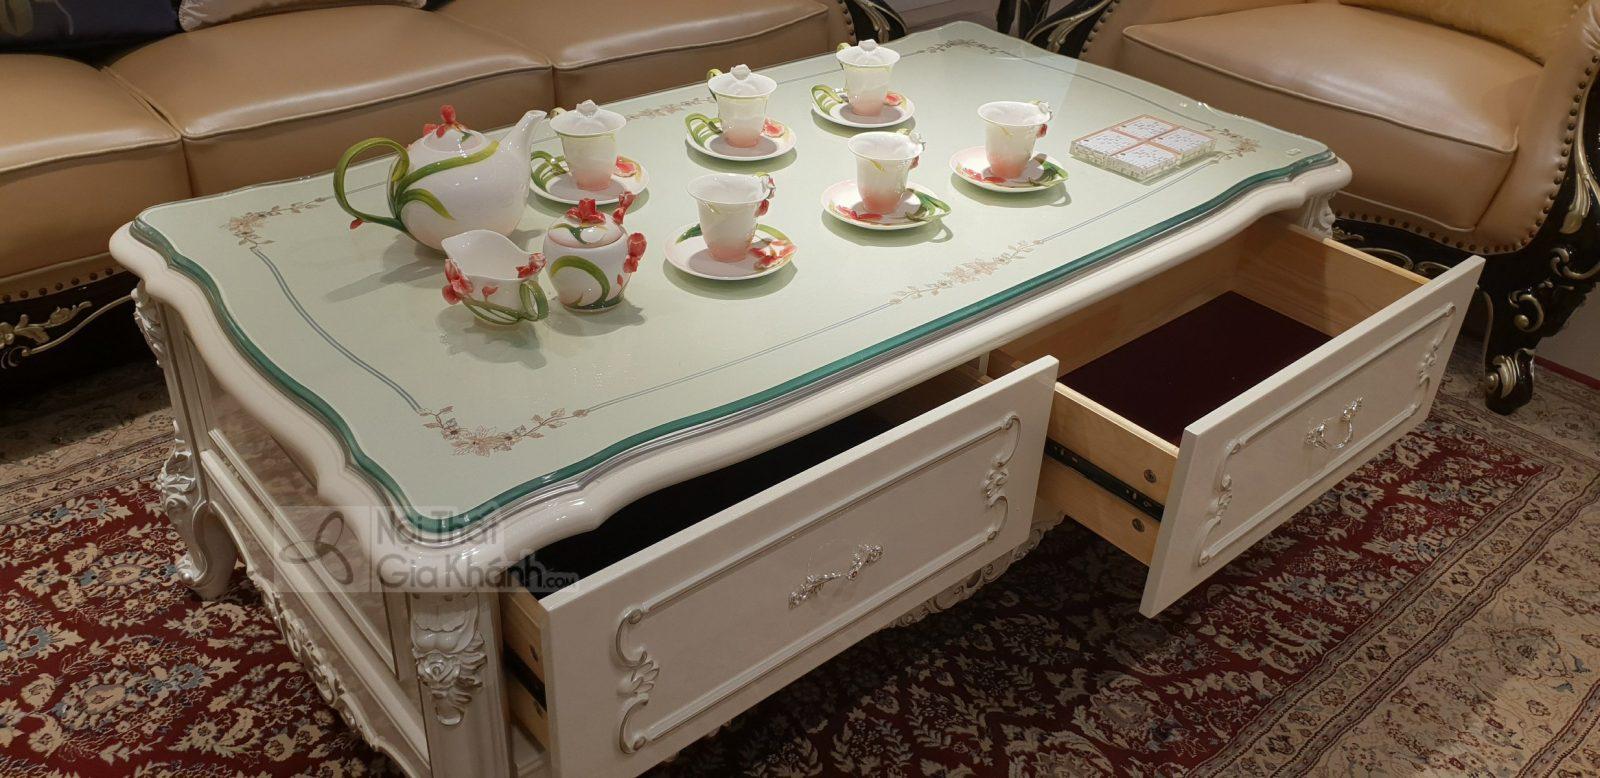 Bàn trà đẹp nhập khẩu cao cấp phong cách Pháp BTNK8801HG-14